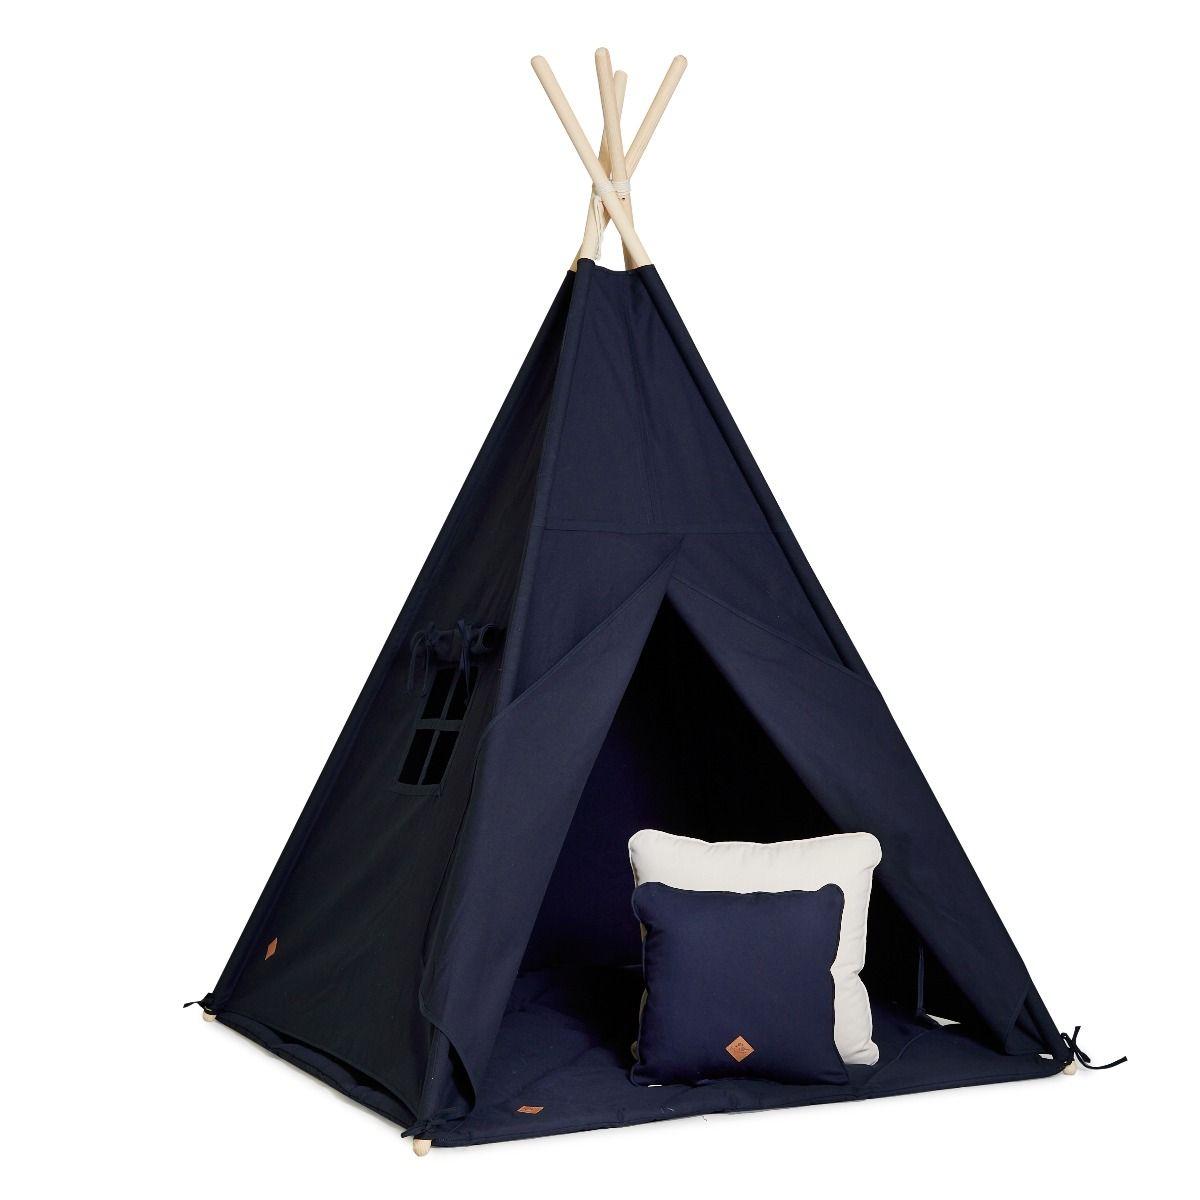 Teepee Tent + Floor Mat + Pillows - Navy Blue